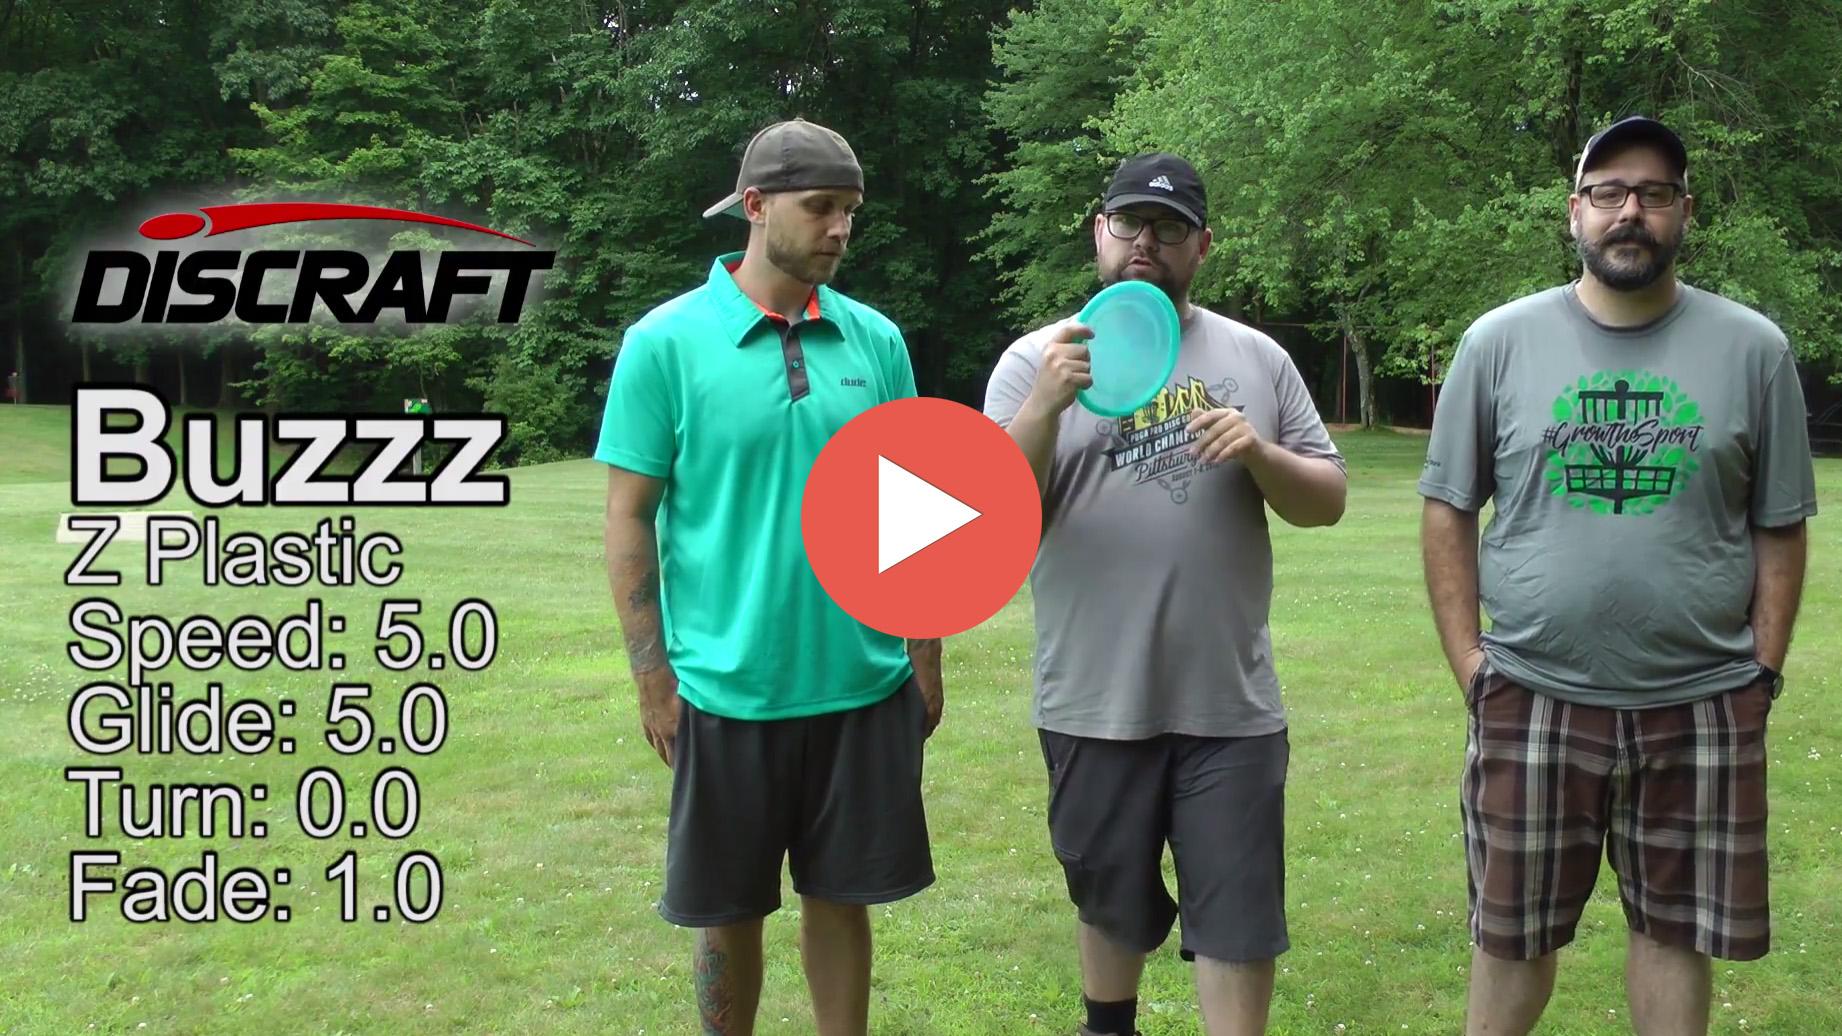 Discraft Buzzz Disc Review